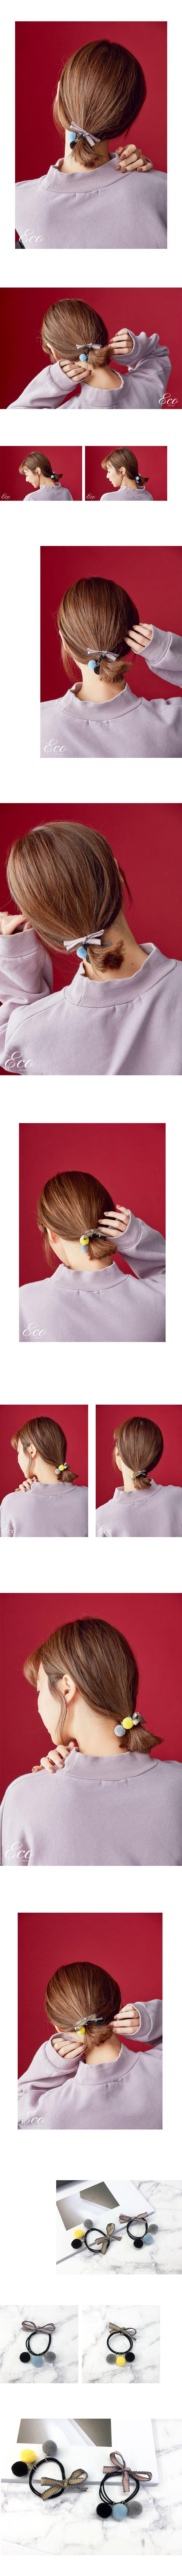 髮飾,髮束,髮圈,毛球髮圈,球球髮圈,蝴蝶結髮圈,緞帶髮圈,正韓飾品,韓貨髮飾